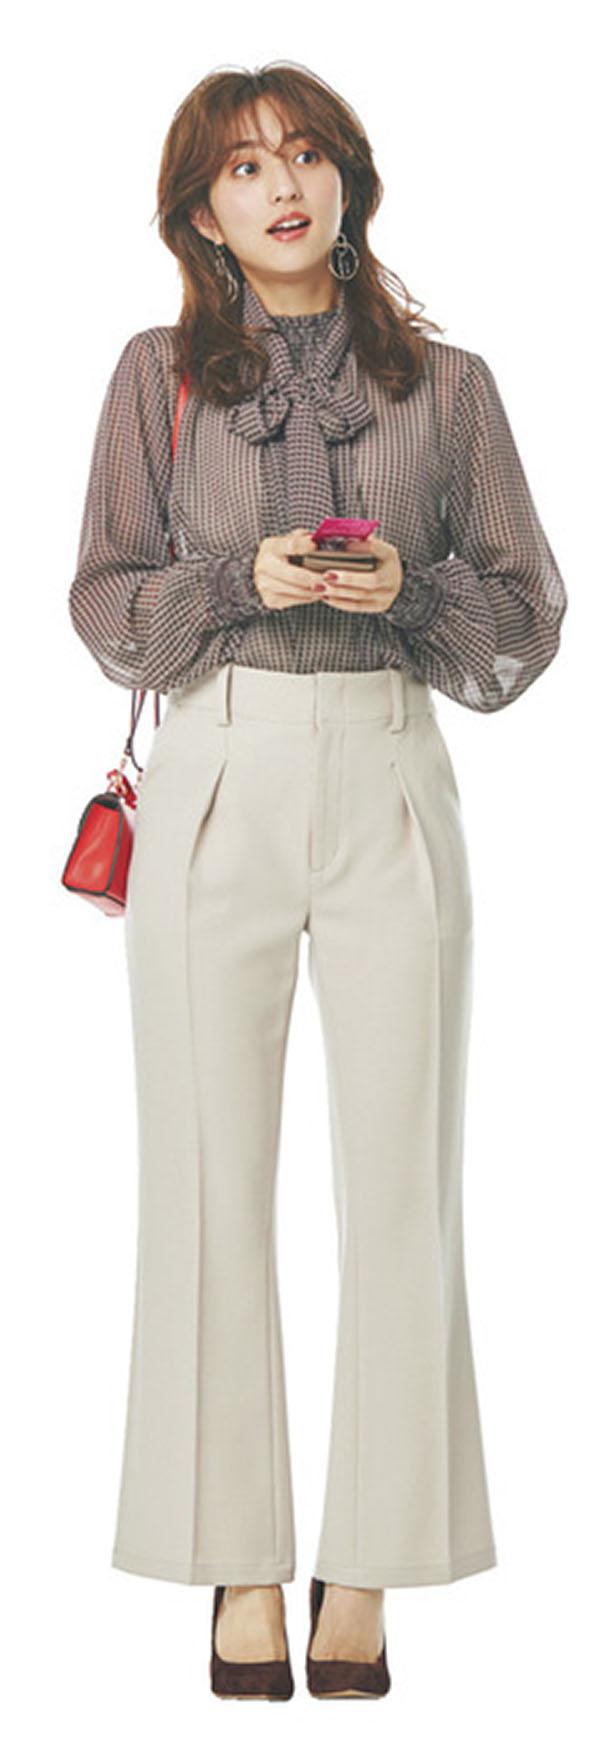 今日はパーティのホスト役!黒子だけどおしゃれしたい日 『上品に映えるシックなパンツスタイル華やかさに加え、動きやすさも必須なホスト役。とろみ素材&美シルエットのきれいめパンツが頼りになる♪上半身はレースなど着映えデザインで盛り上げて。バッグは手が空くミニショルダーを指名!』